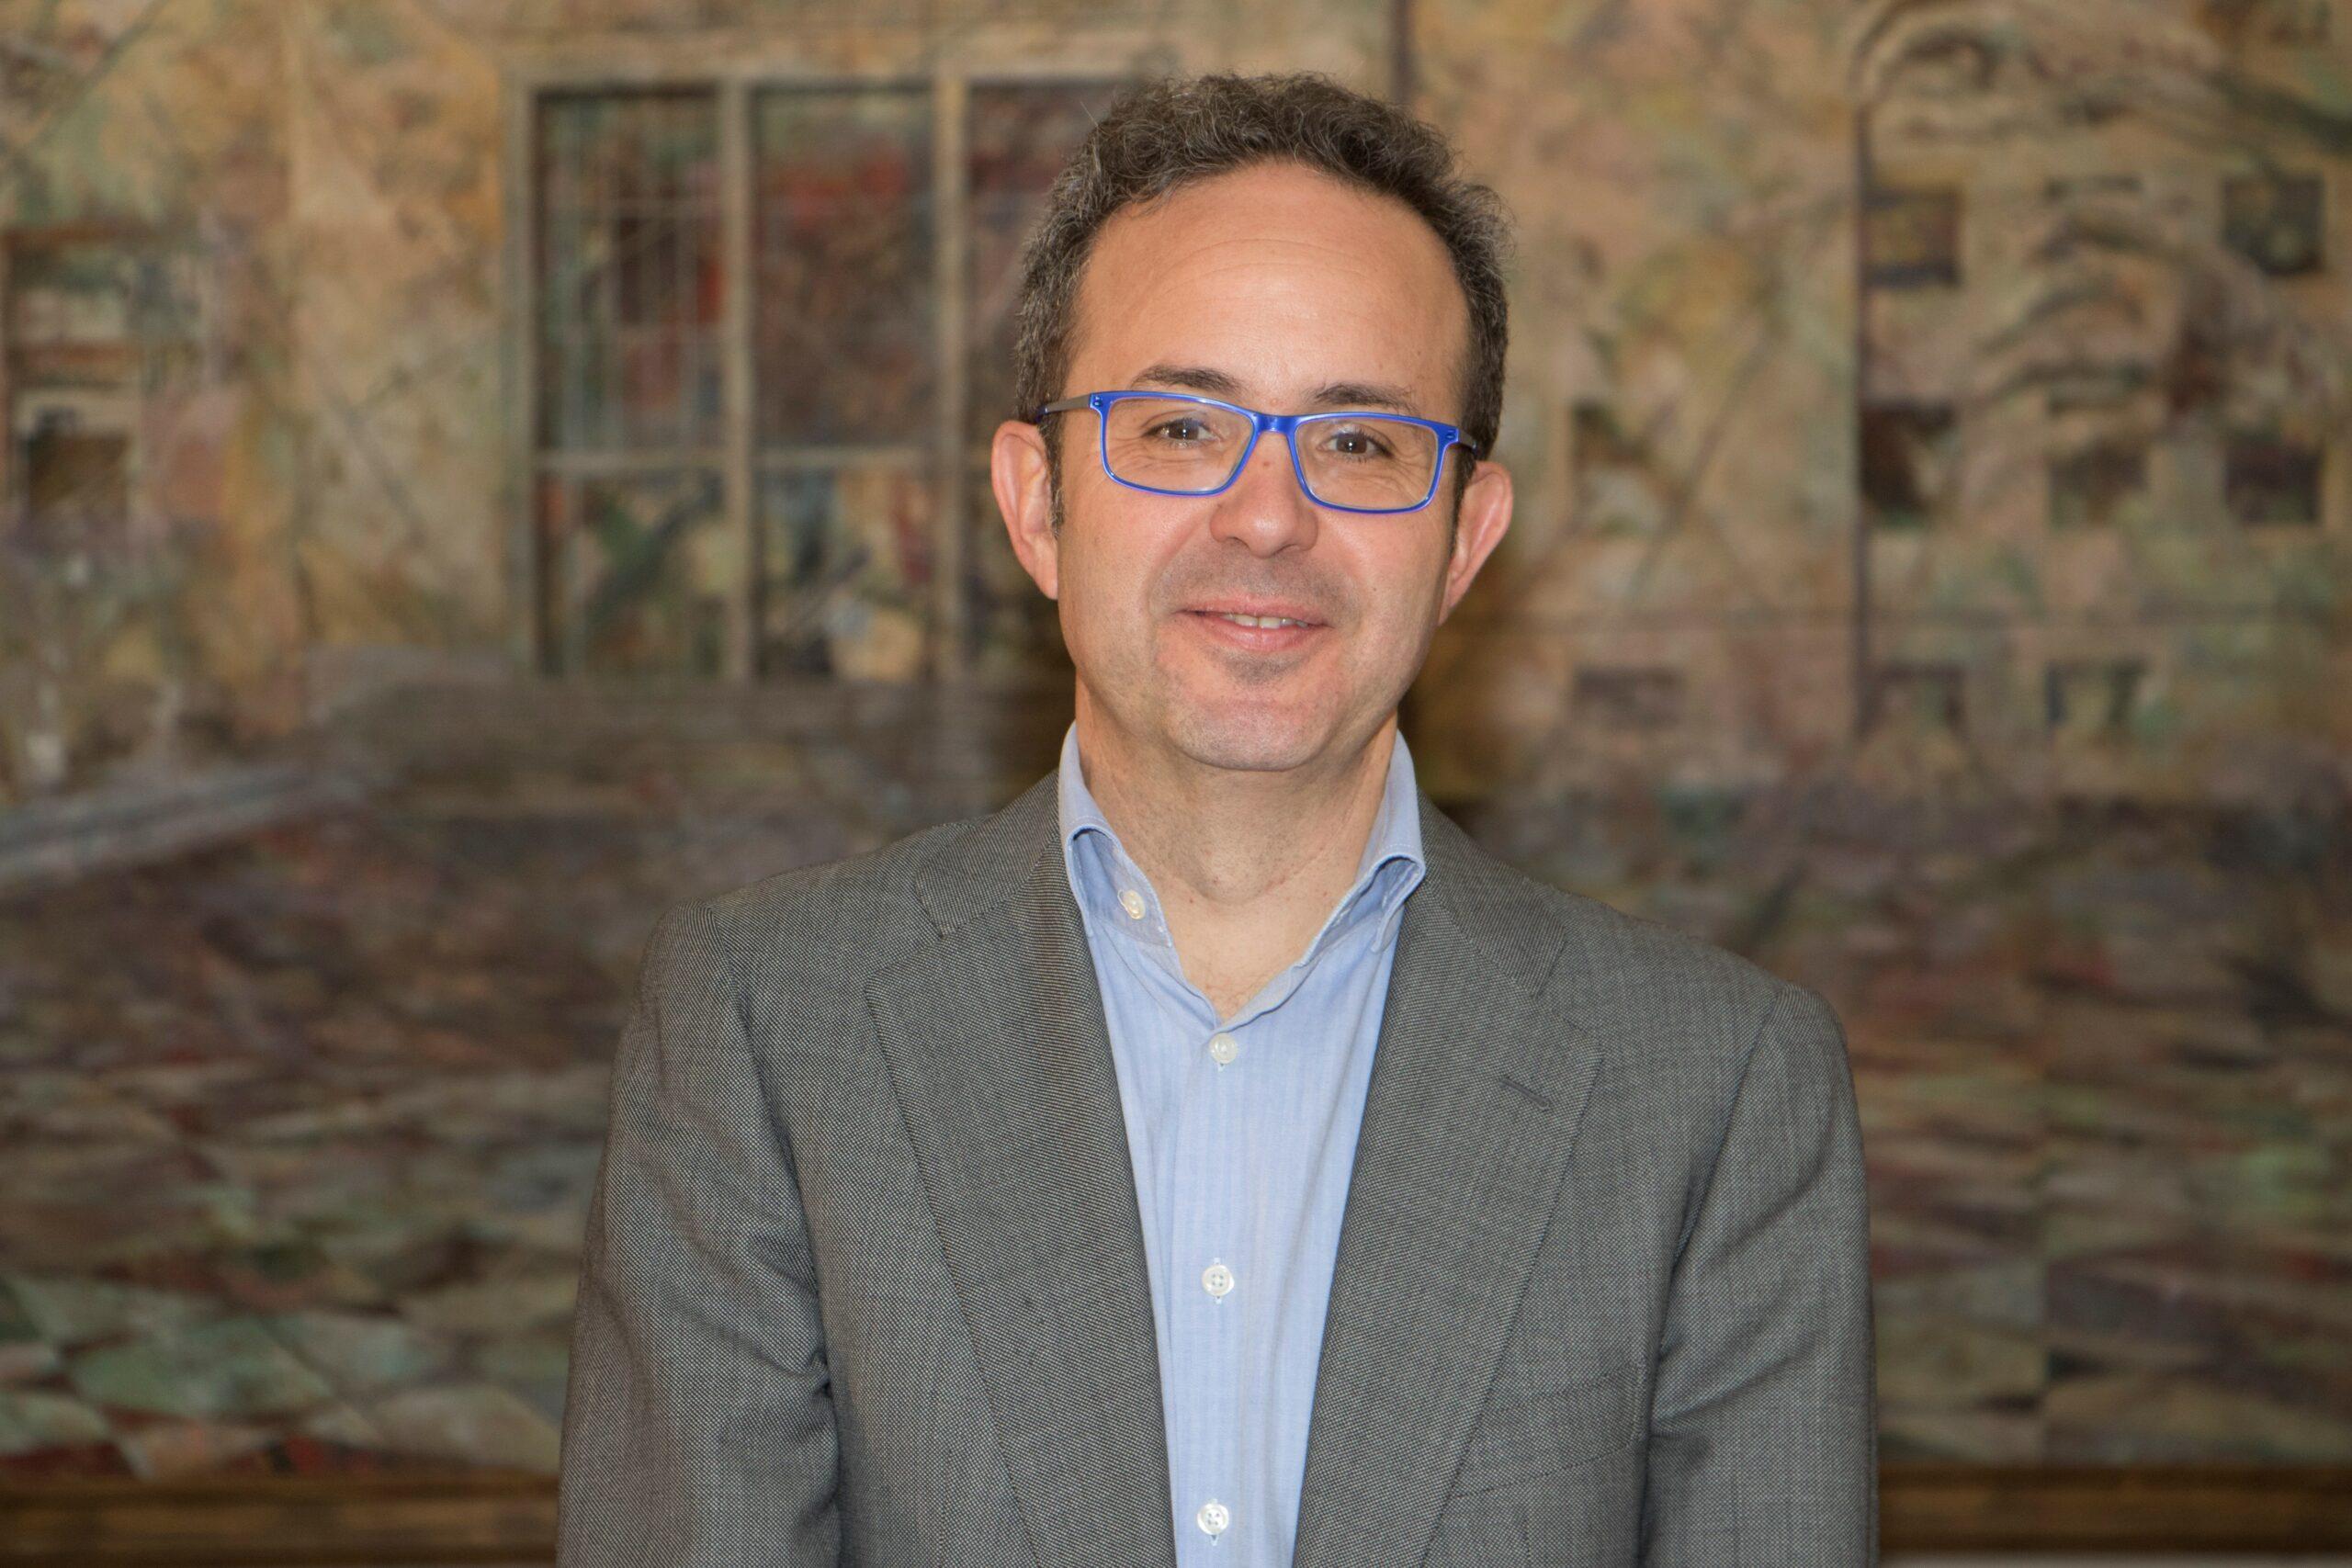 """Víctor Sardá, director del Grado Inmobiliario UPM-ASPRIMA-APCE: """"Desde que comenzamos con este proyecto siempre estuvimos interesados por un perfil de joven motivado y con ganas de comerse al mundo"""""""